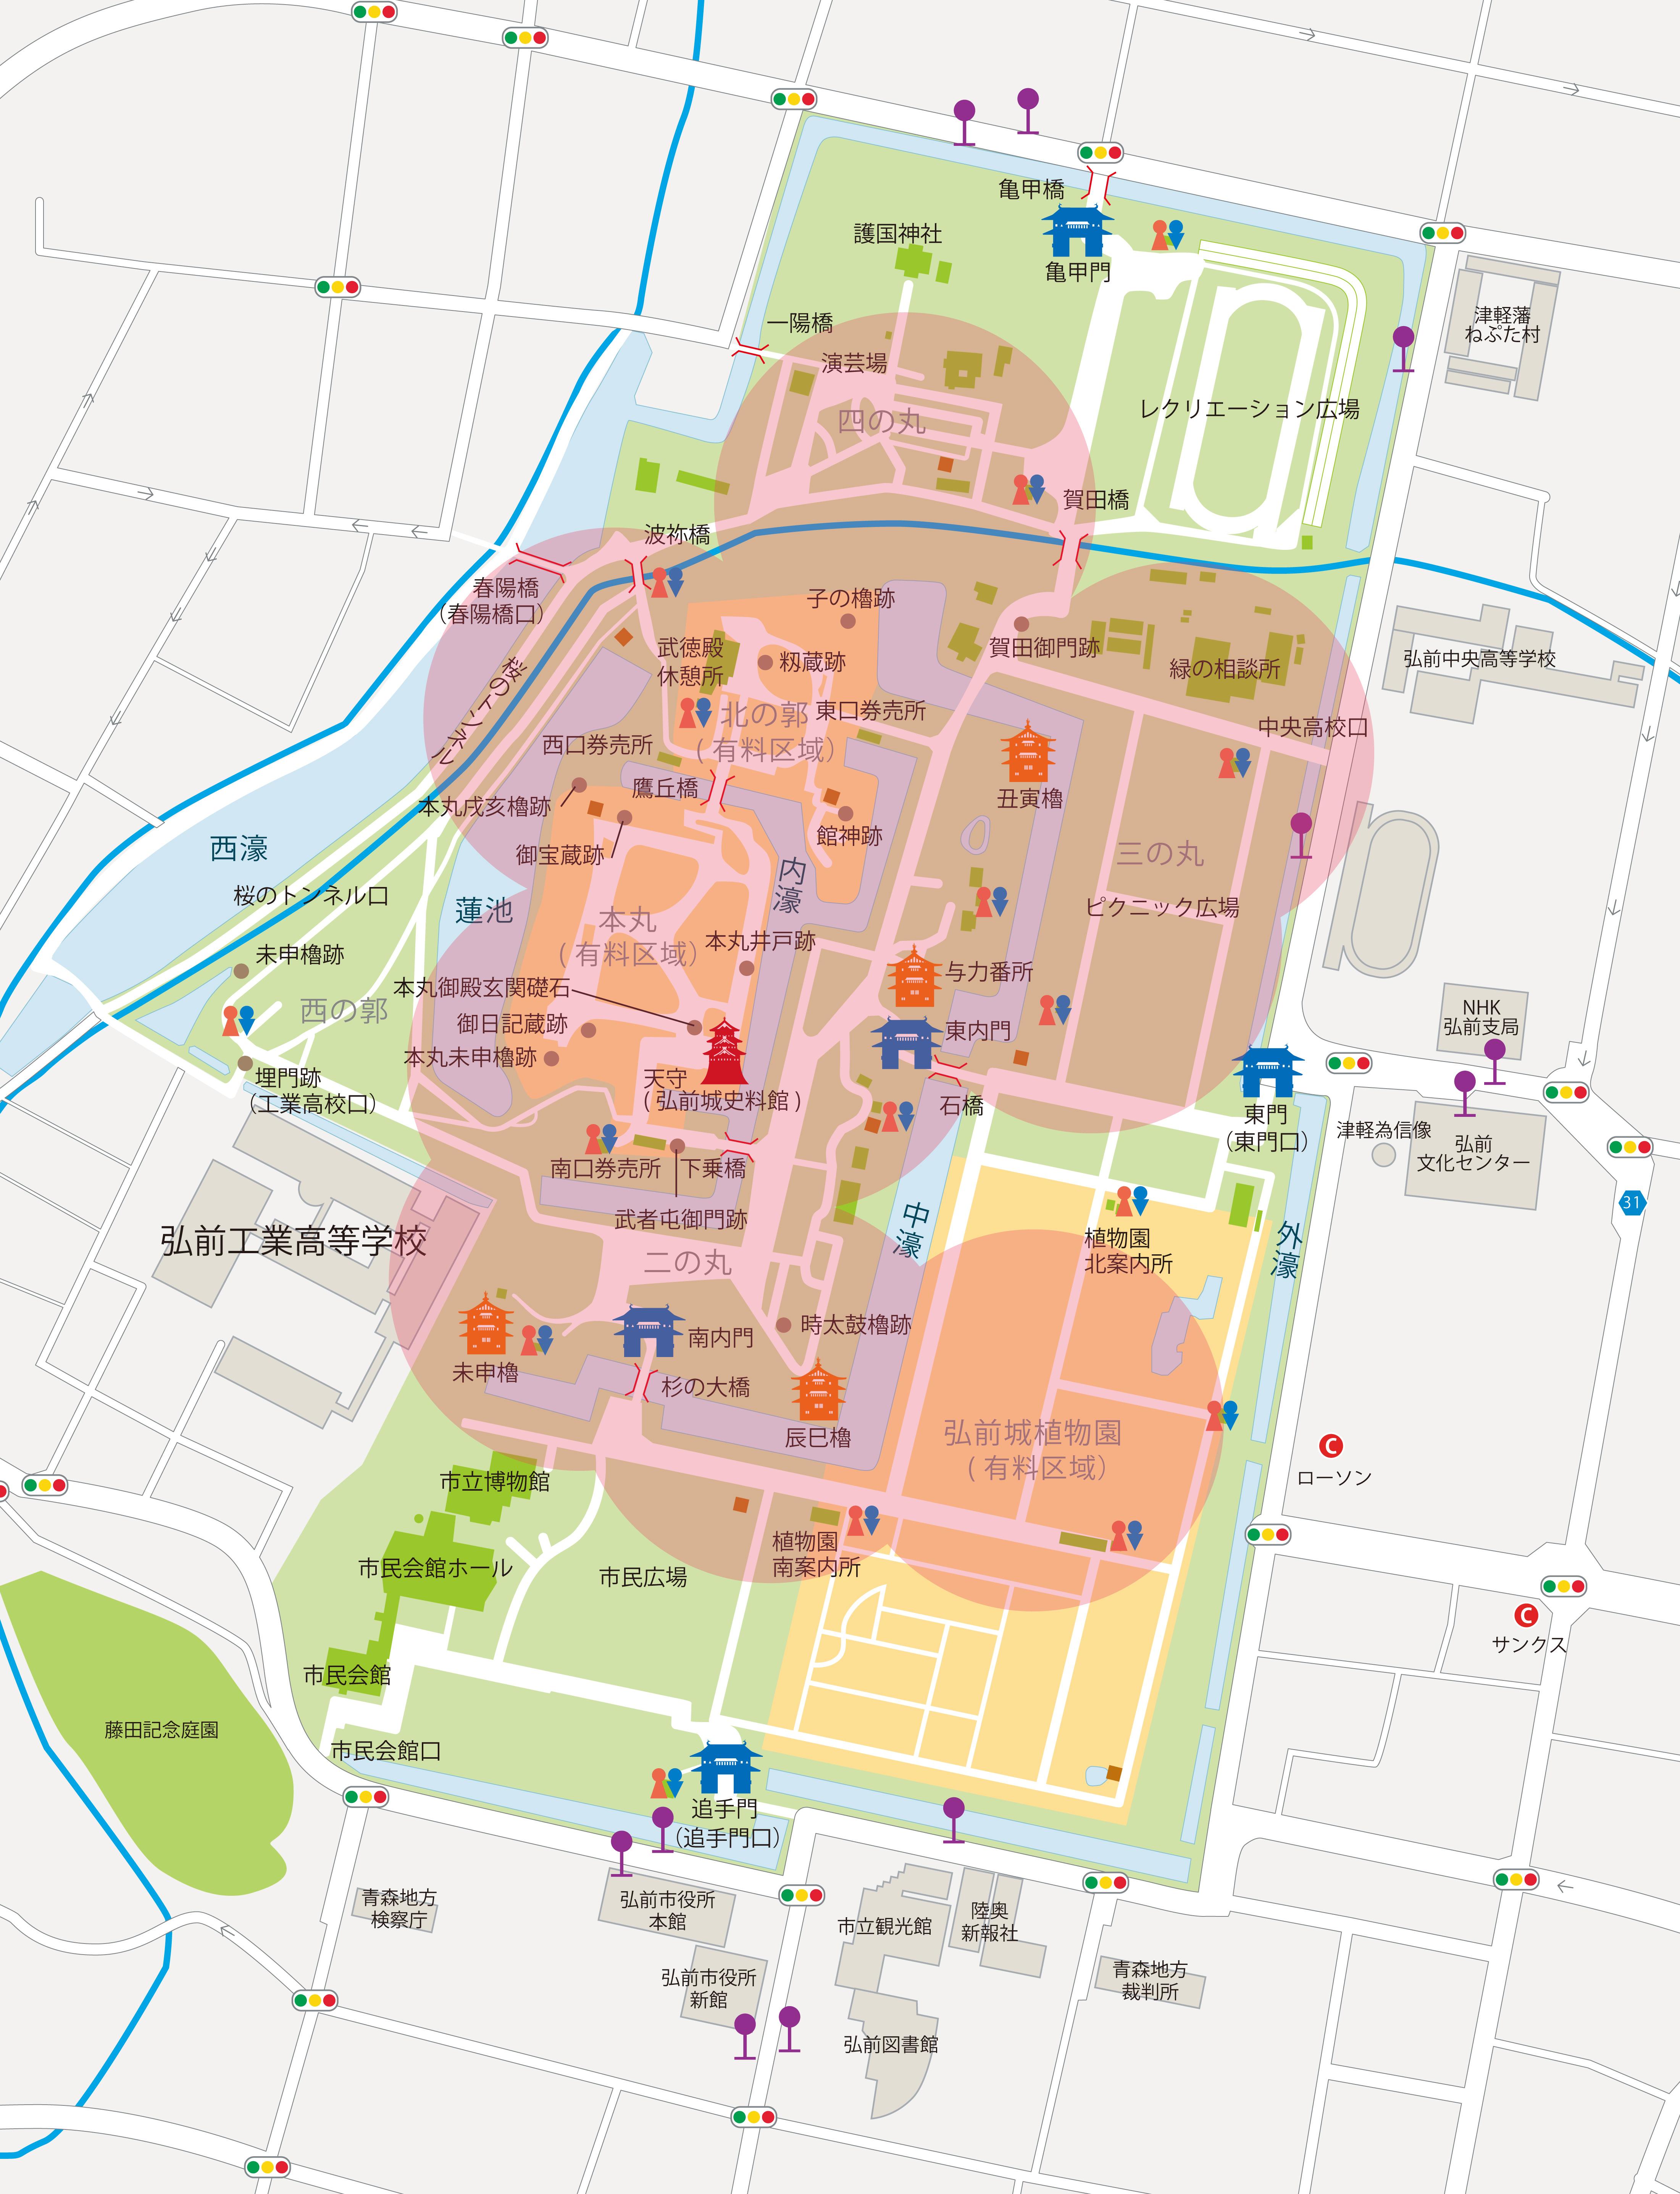 弘前公園 FreeWiFi 利用可能場所一覧